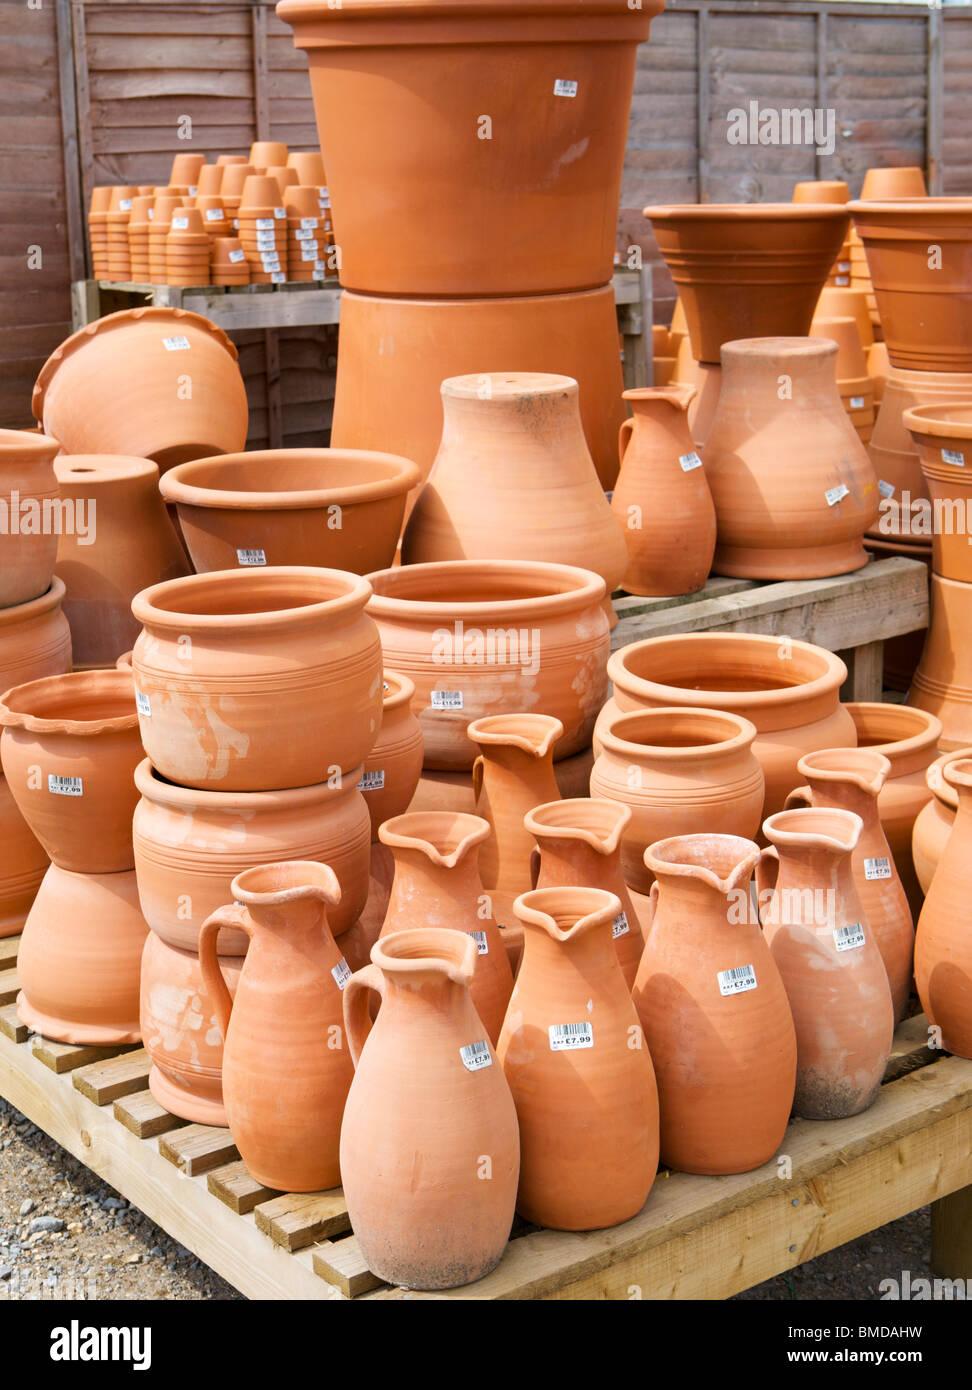 Ceramic Pots For Sale Part - 36: Stock Photo - Terracotta Pots For Sale